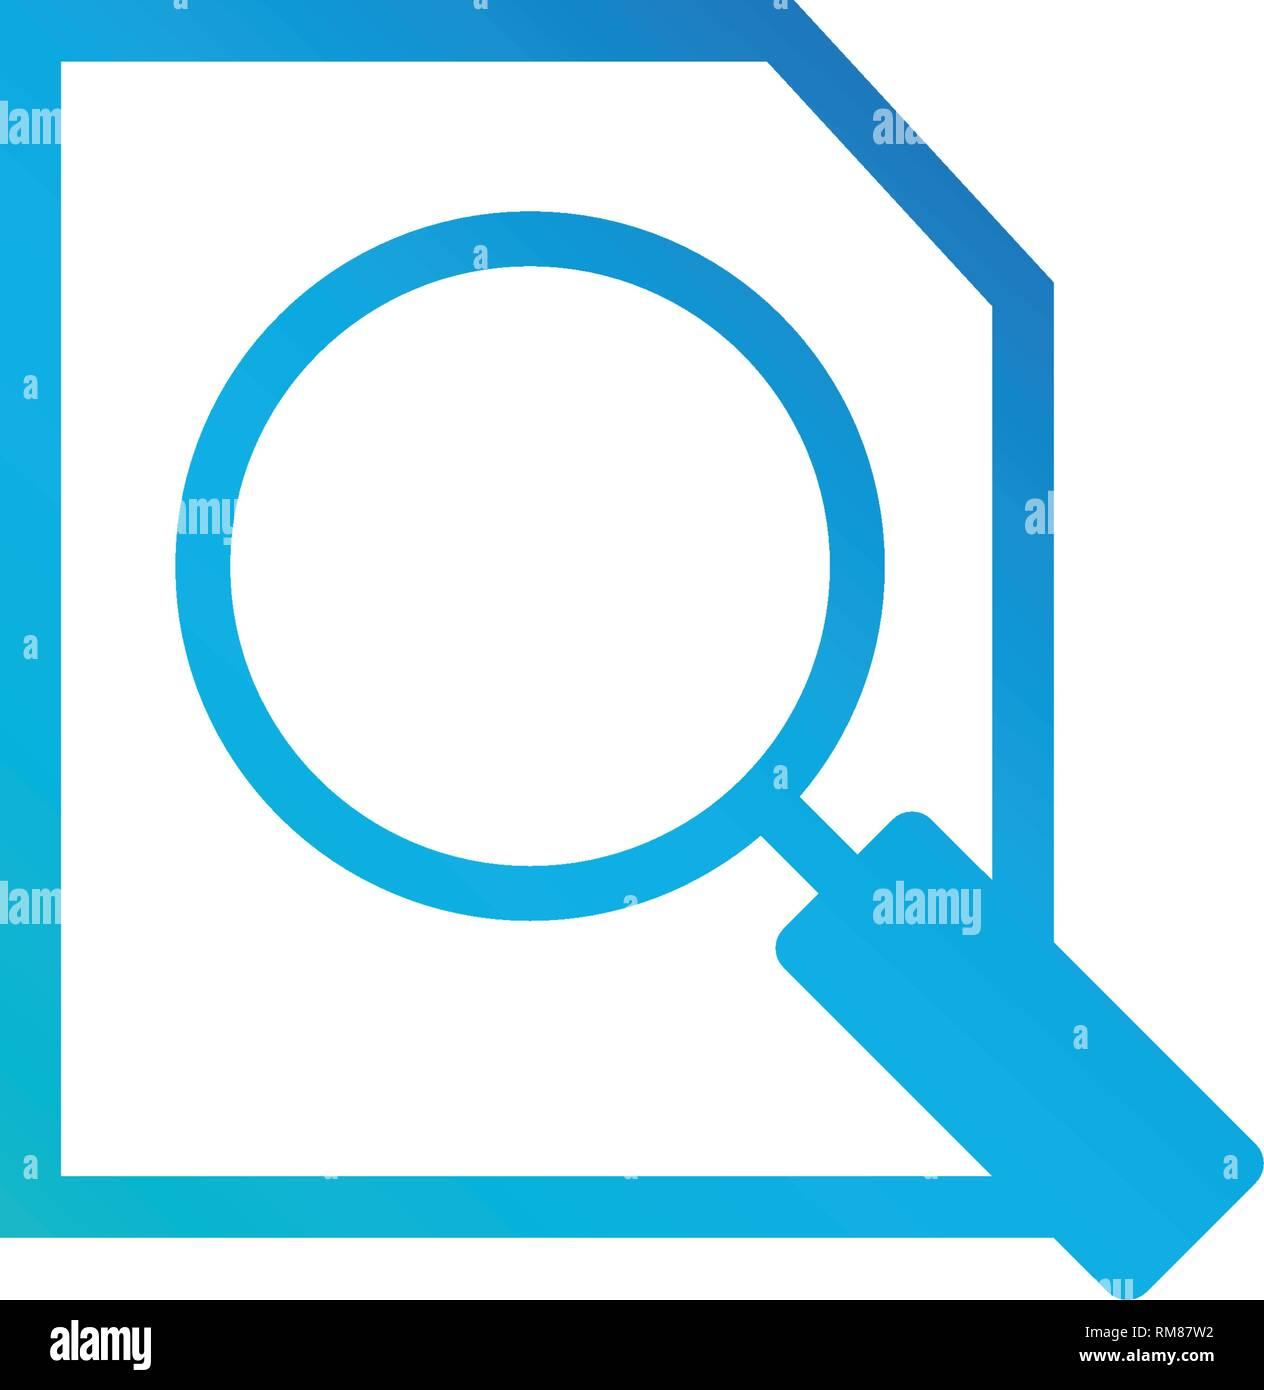 51a089a2811c7 Documento azul con icono buscar aislado sobre fondo blanco. Archivo e icono  de lupa. La investigación analítica de signo. Vector